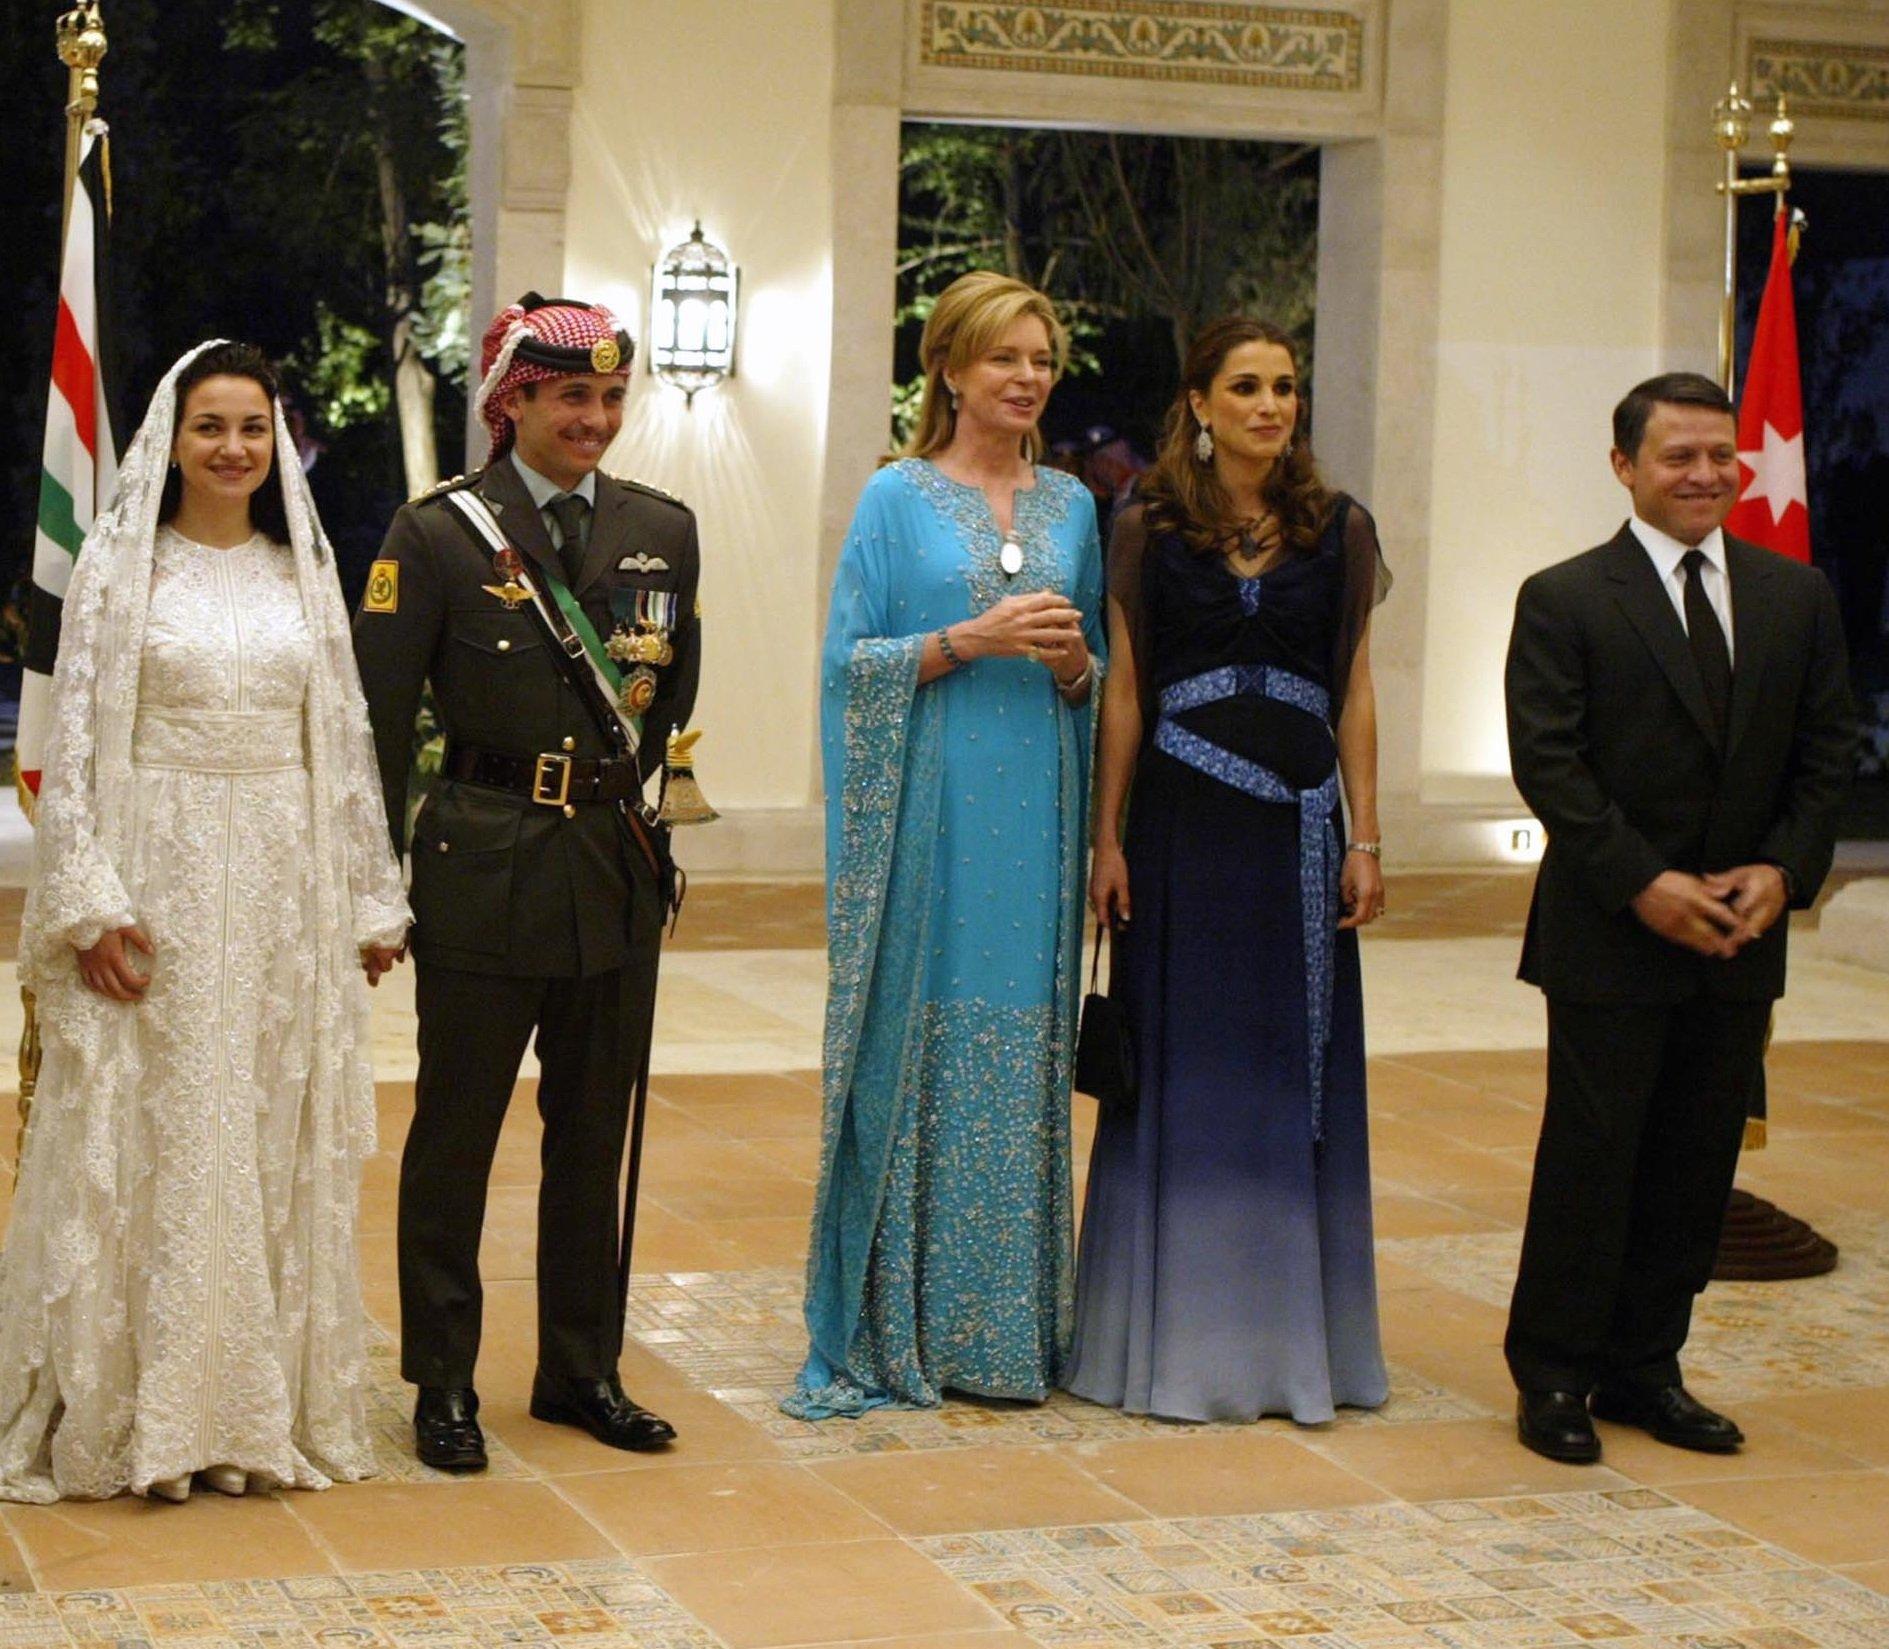 من اليمين - الملك عبدالله والملكة رانيا والملكة نور والأمير حمزة والأميرة نور زوجة الأمير حمزة الأولى في زفافهما عام 2004